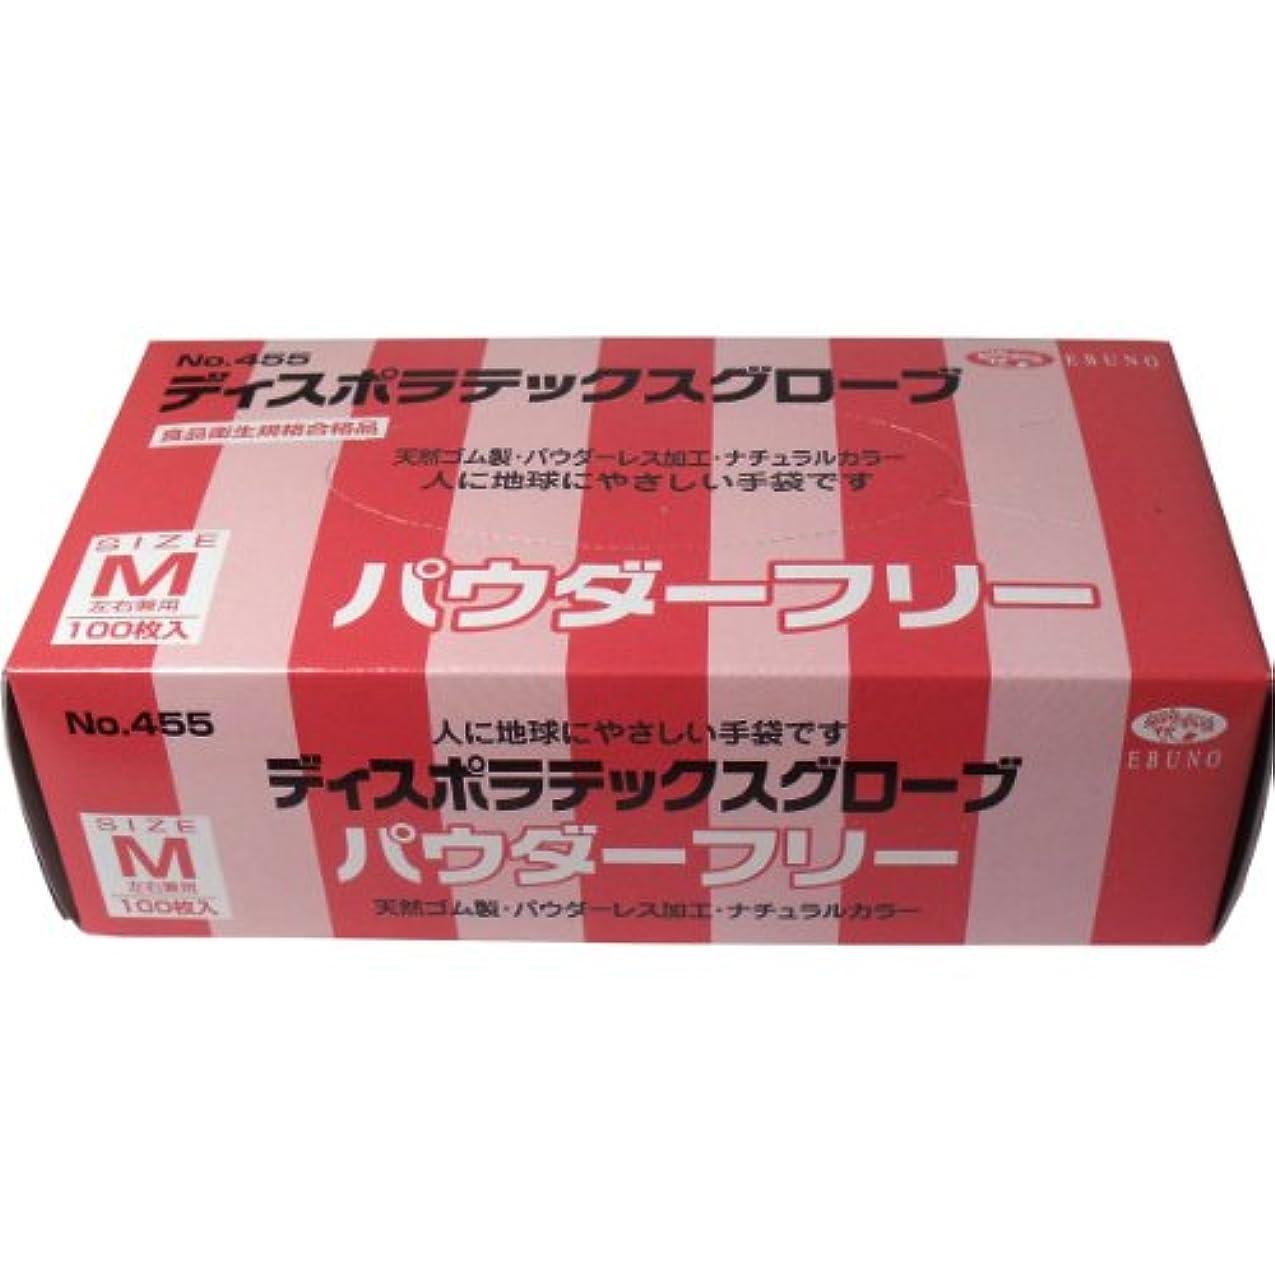 遊具冷酷なロードされたディスポ ラテックスグローブ(天然ゴム手袋) パウダーフリー Mサイズ 100枚入(単品)